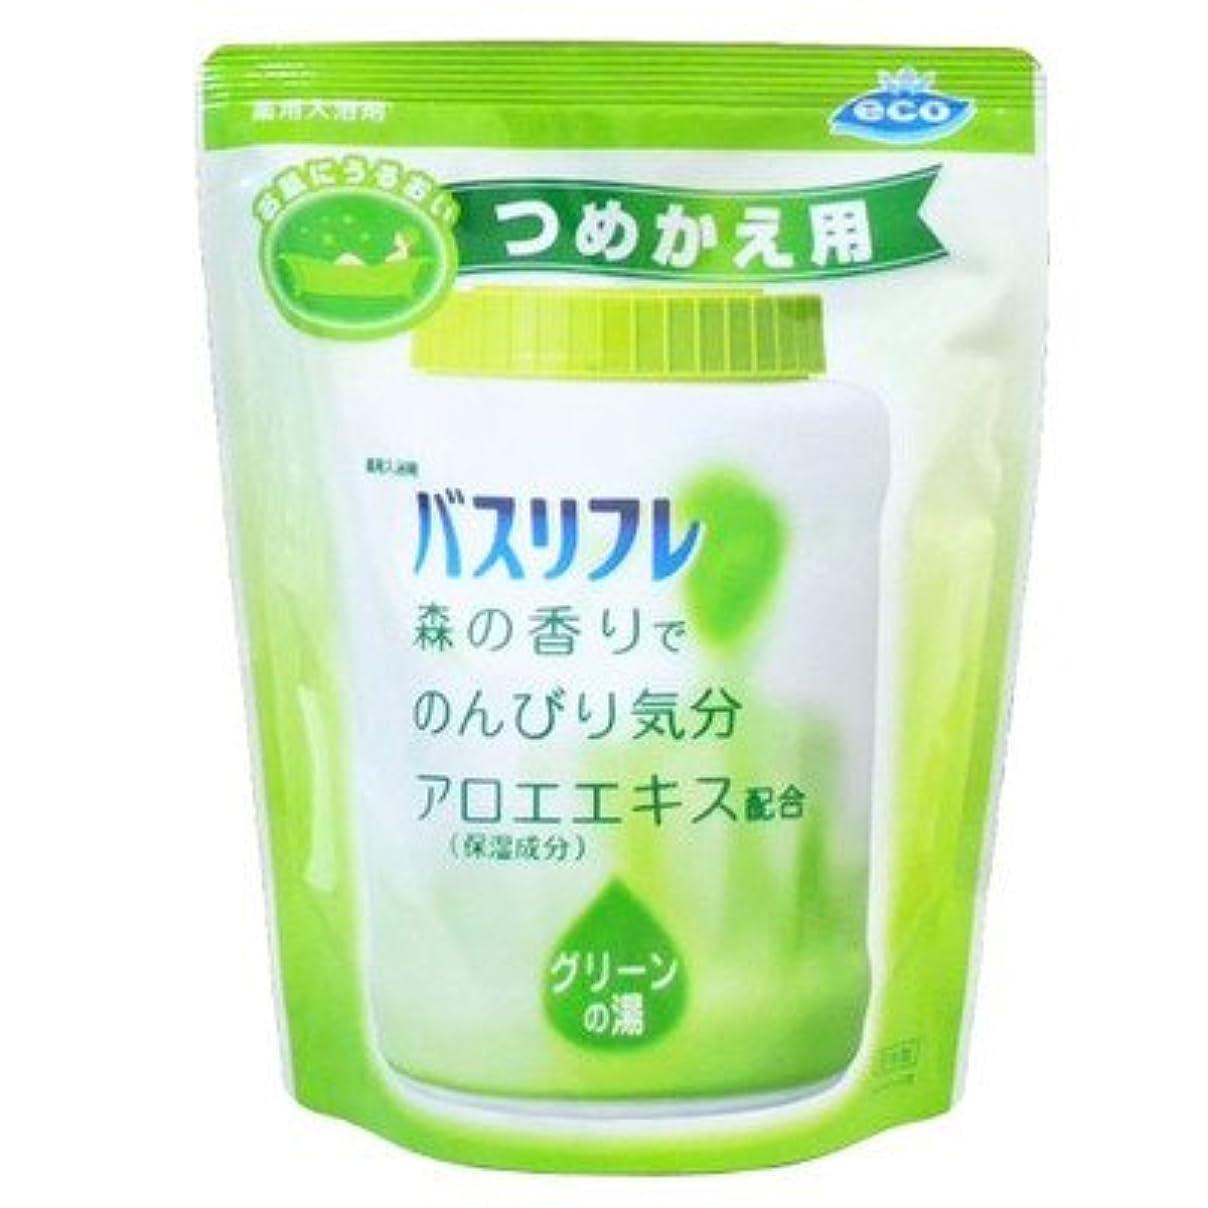 家庭泥沼ボス薬用入浴剤 バスリフレ グリーンの湯 つめかえ用 540g 森の香り (ライオンケミカル)